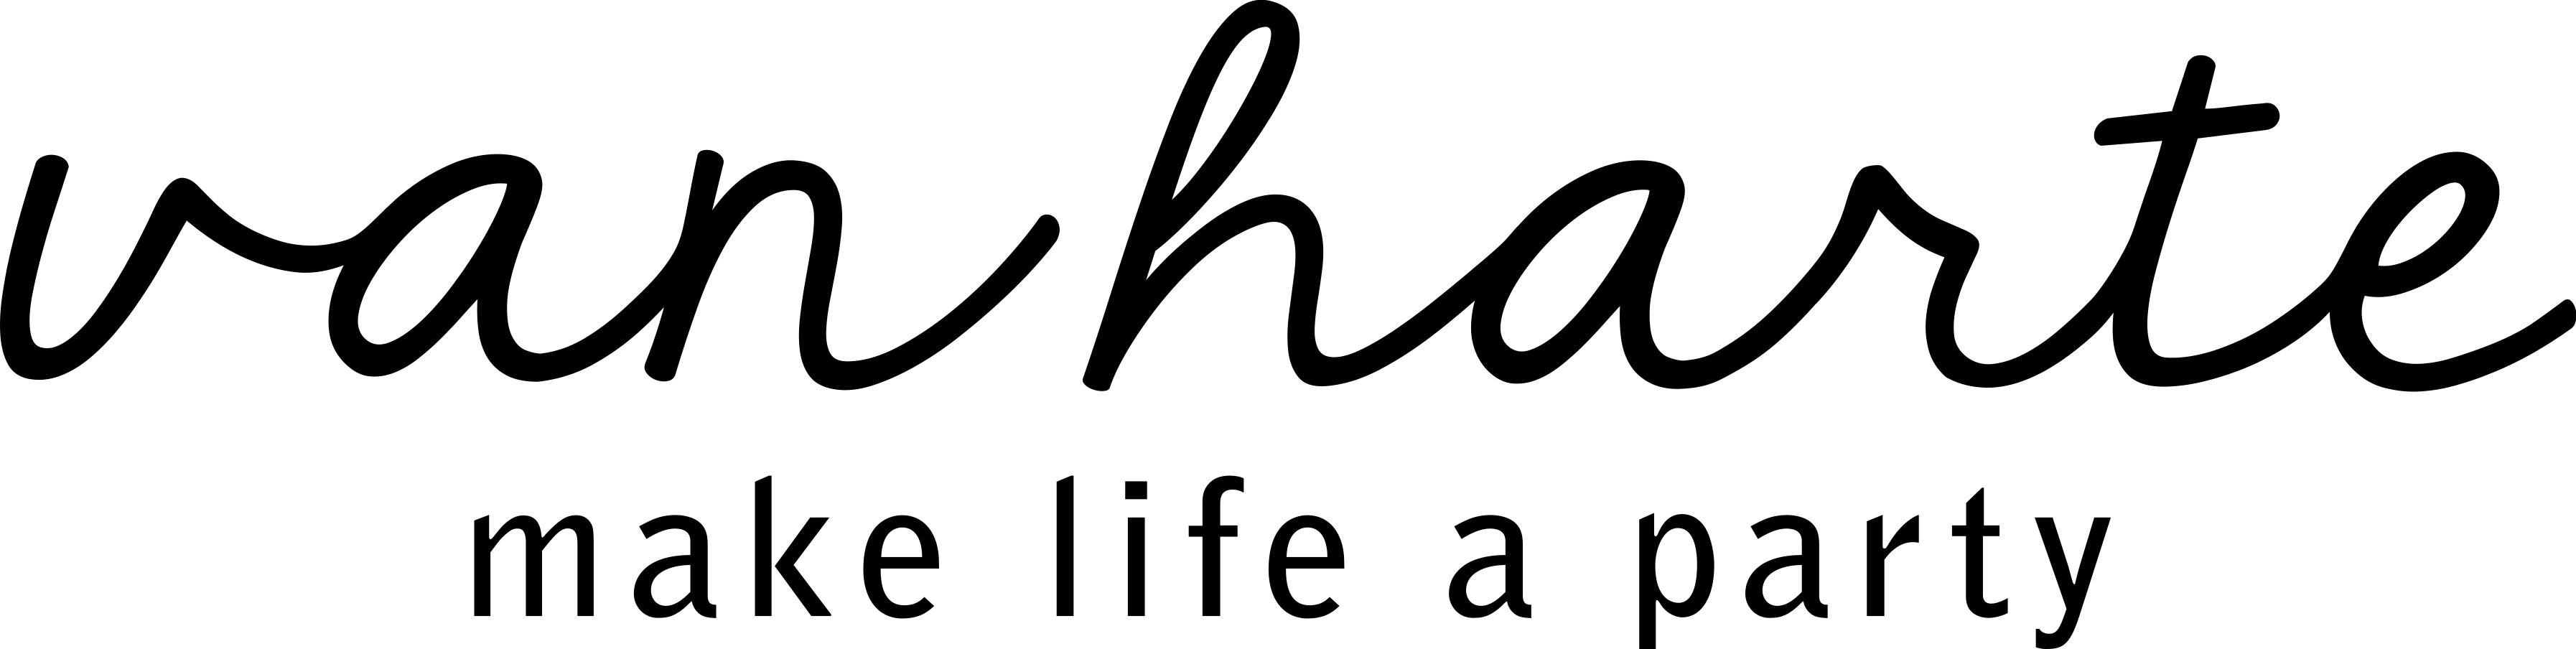 van harte | Dekoration für Party, Hochzeit & Kindergeburtstag